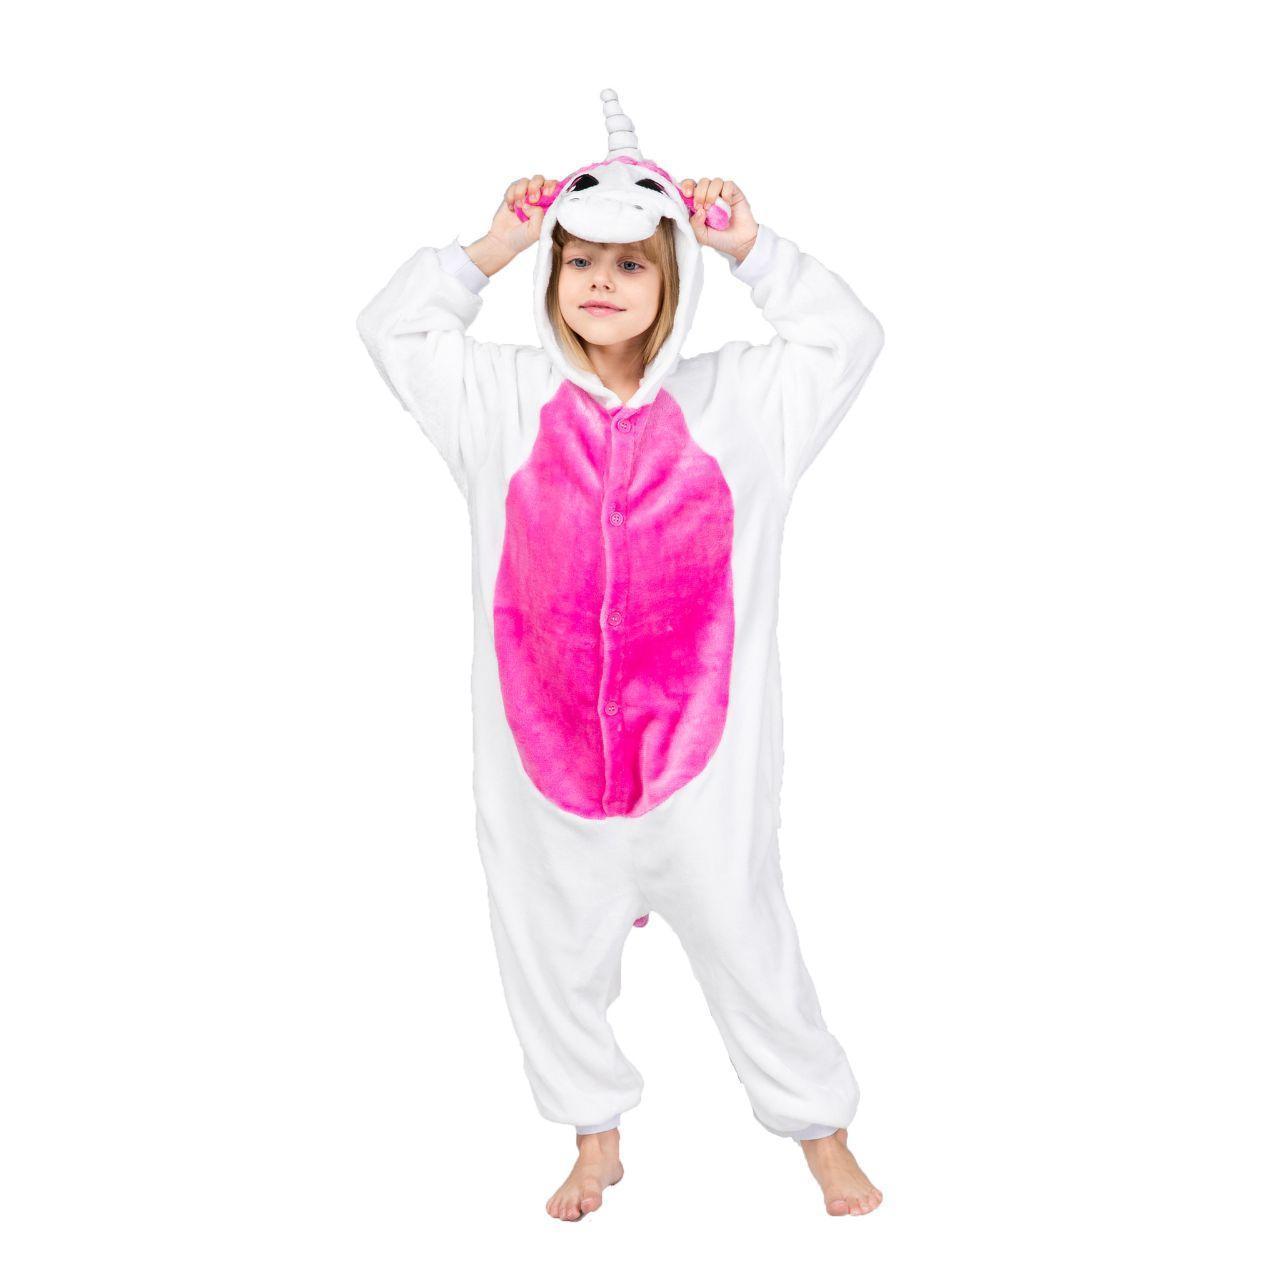 Кигуруми - Бело-розовый Единорог - Одежда для дома - Пижама детская, пижама теплая Premium Velsoft